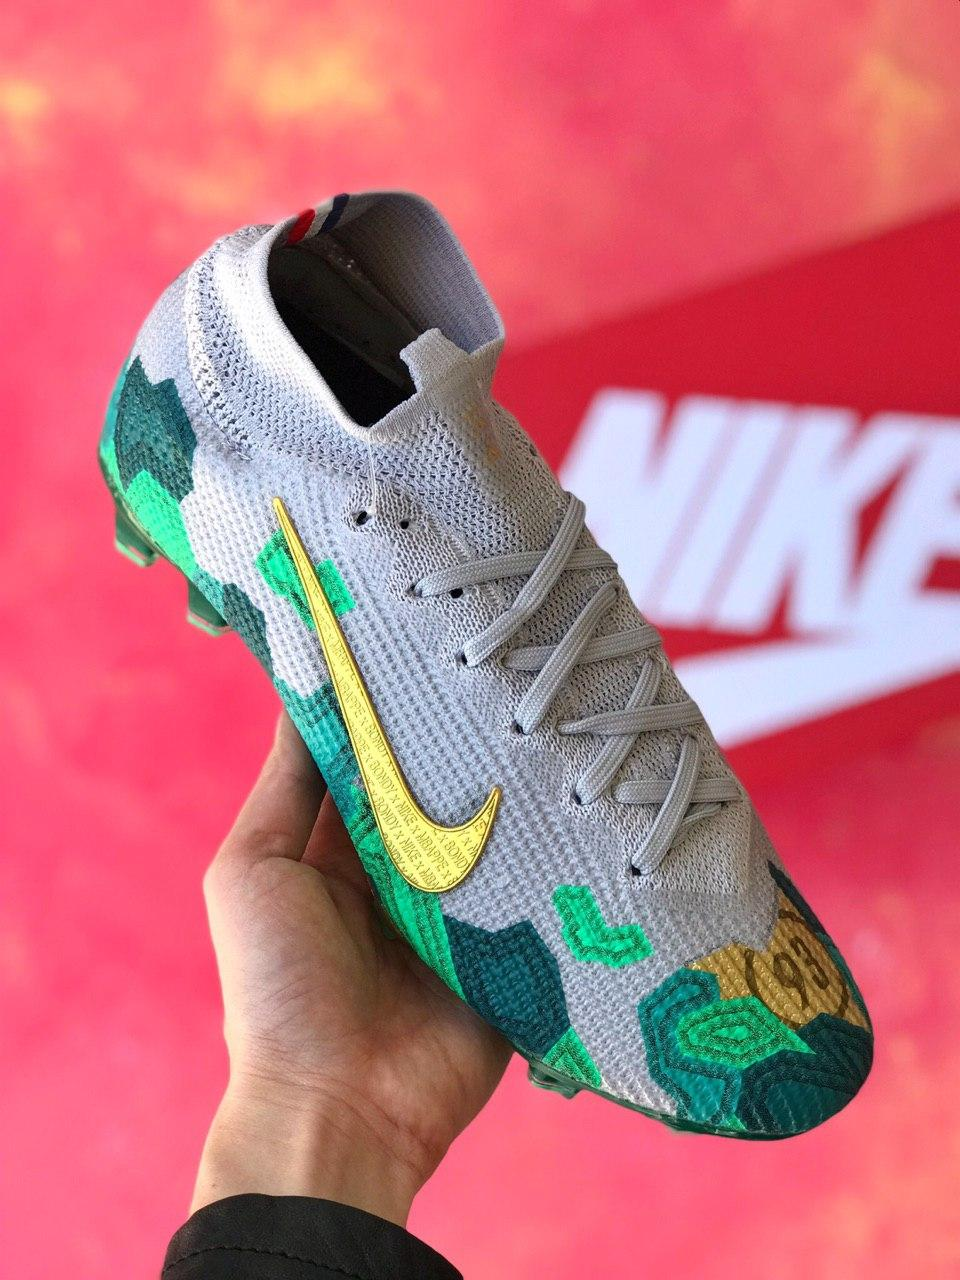 Бутсы Килиана Мбаппе Nike Mercurial Superfly 7/найк меркуриал суперфлай/ копы